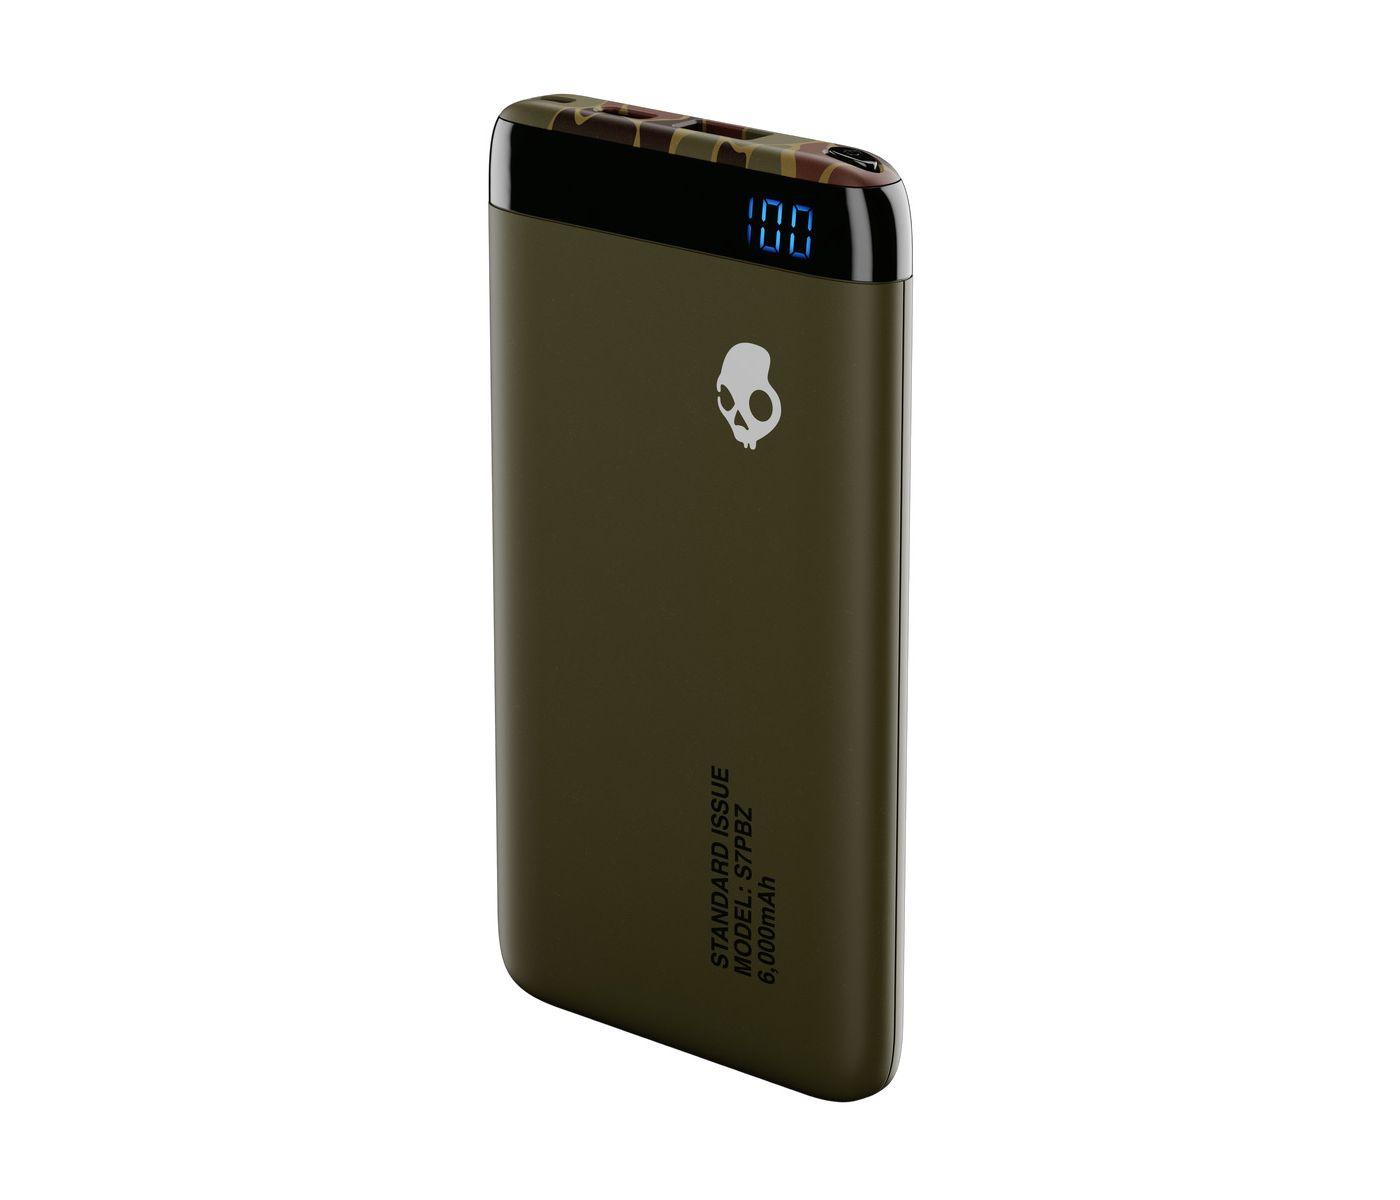 Skullcandy Stash Portable Battery Pack